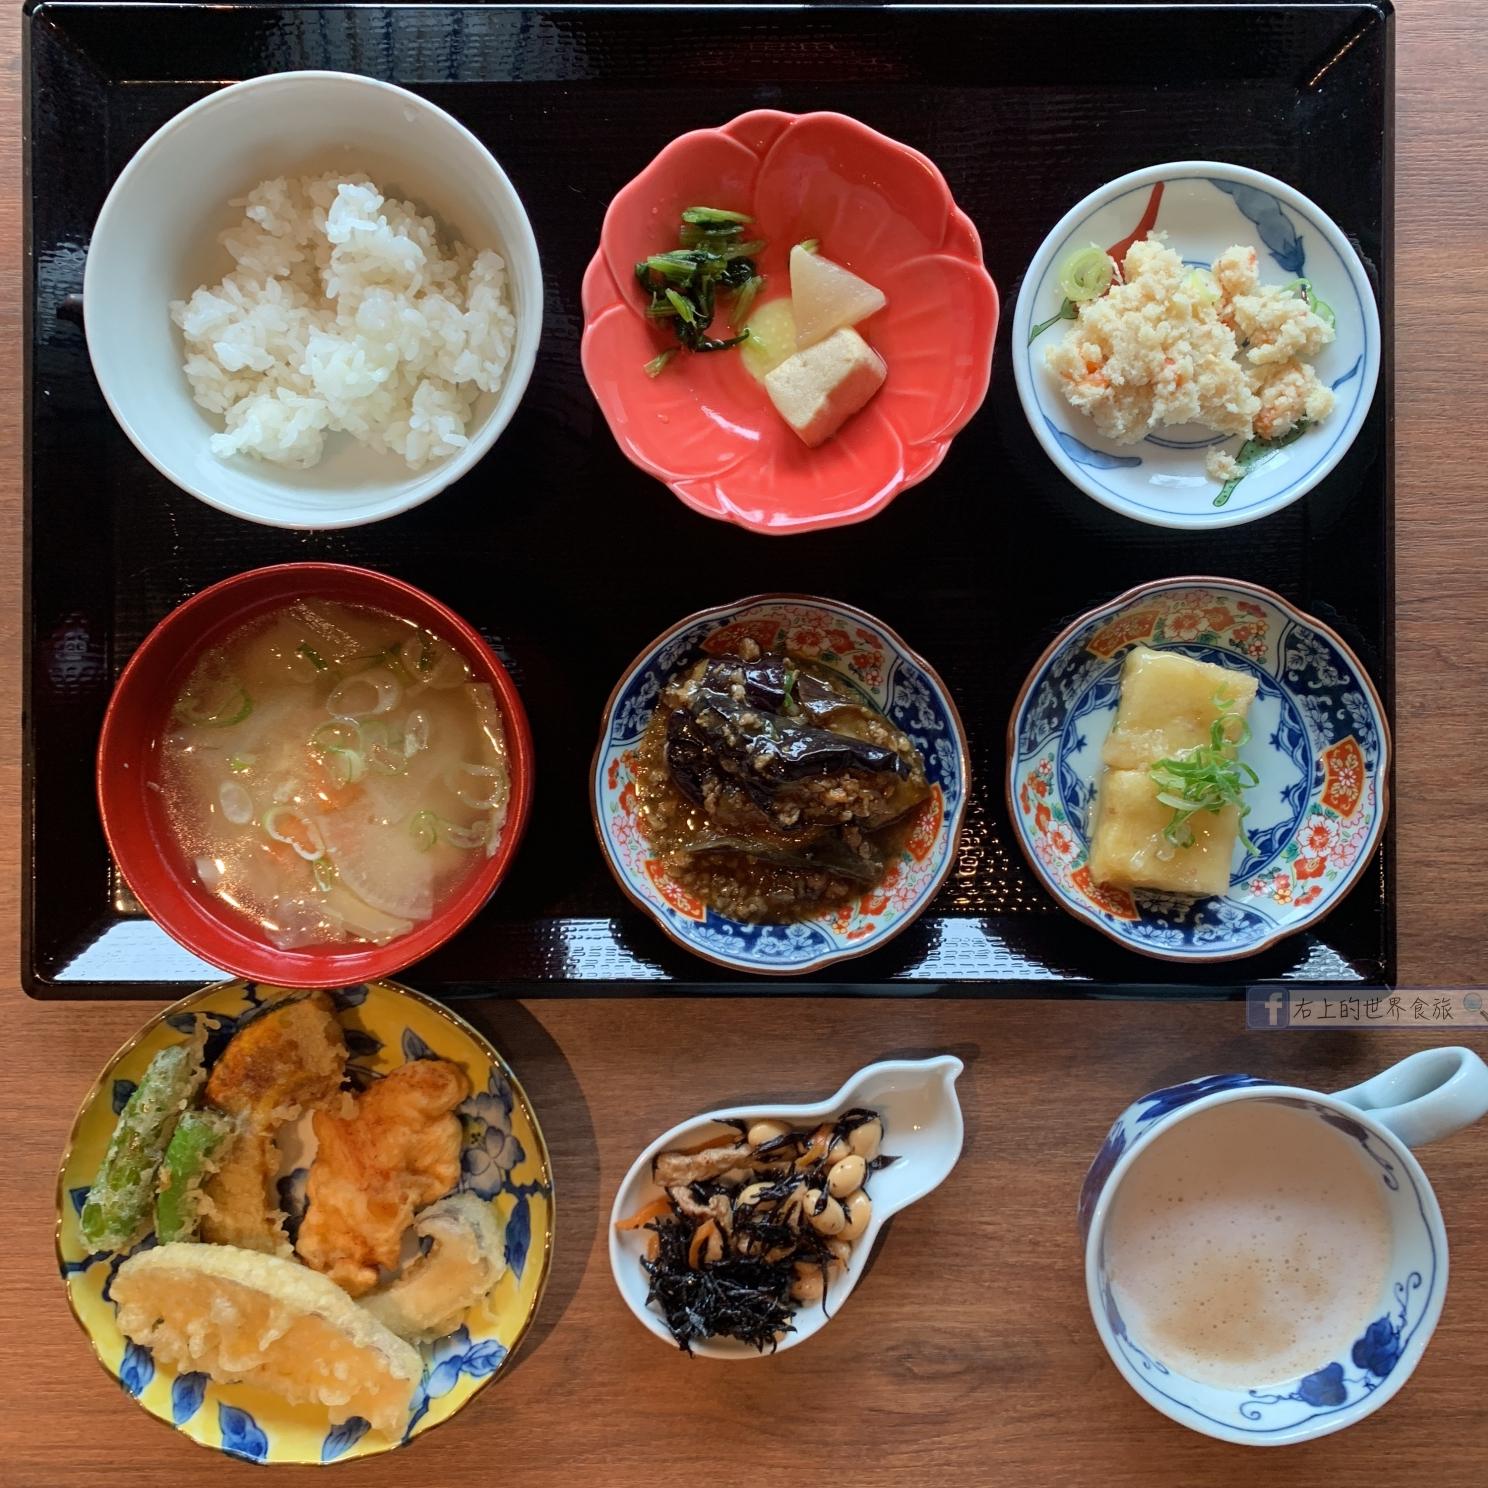 京都飯店-VIA INN京都站八條口:車站徒步2分,樓下直通超商,大國藥妝徒步1分 超方便,80種早餐吃到飽 @右上的世界食旅